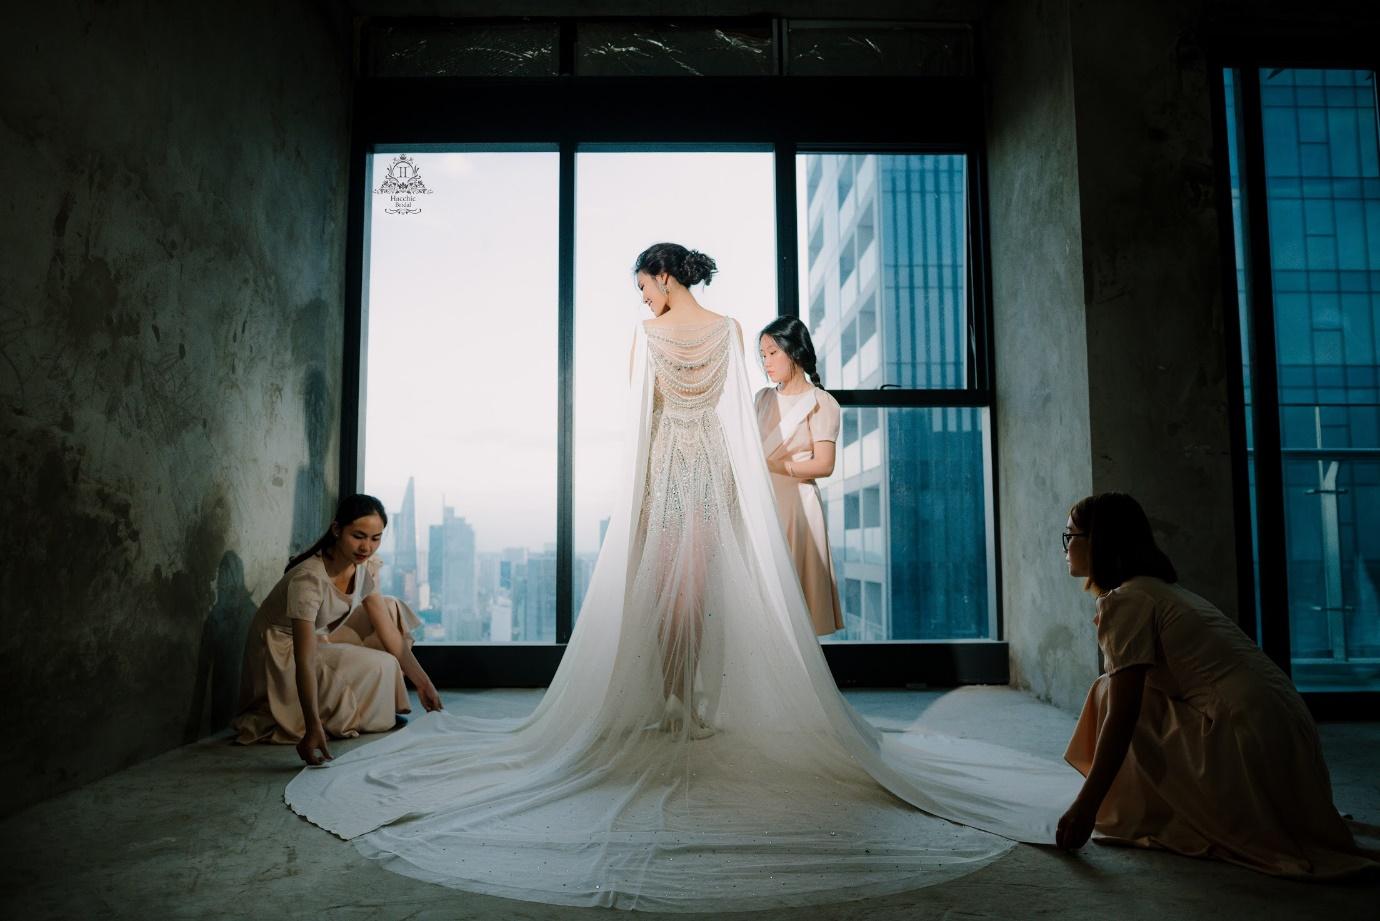 Váy cưới chính thức của Lan Khuê trị giá tới 500 triệu đồng đã được tiết lộ - Ảnh 4.